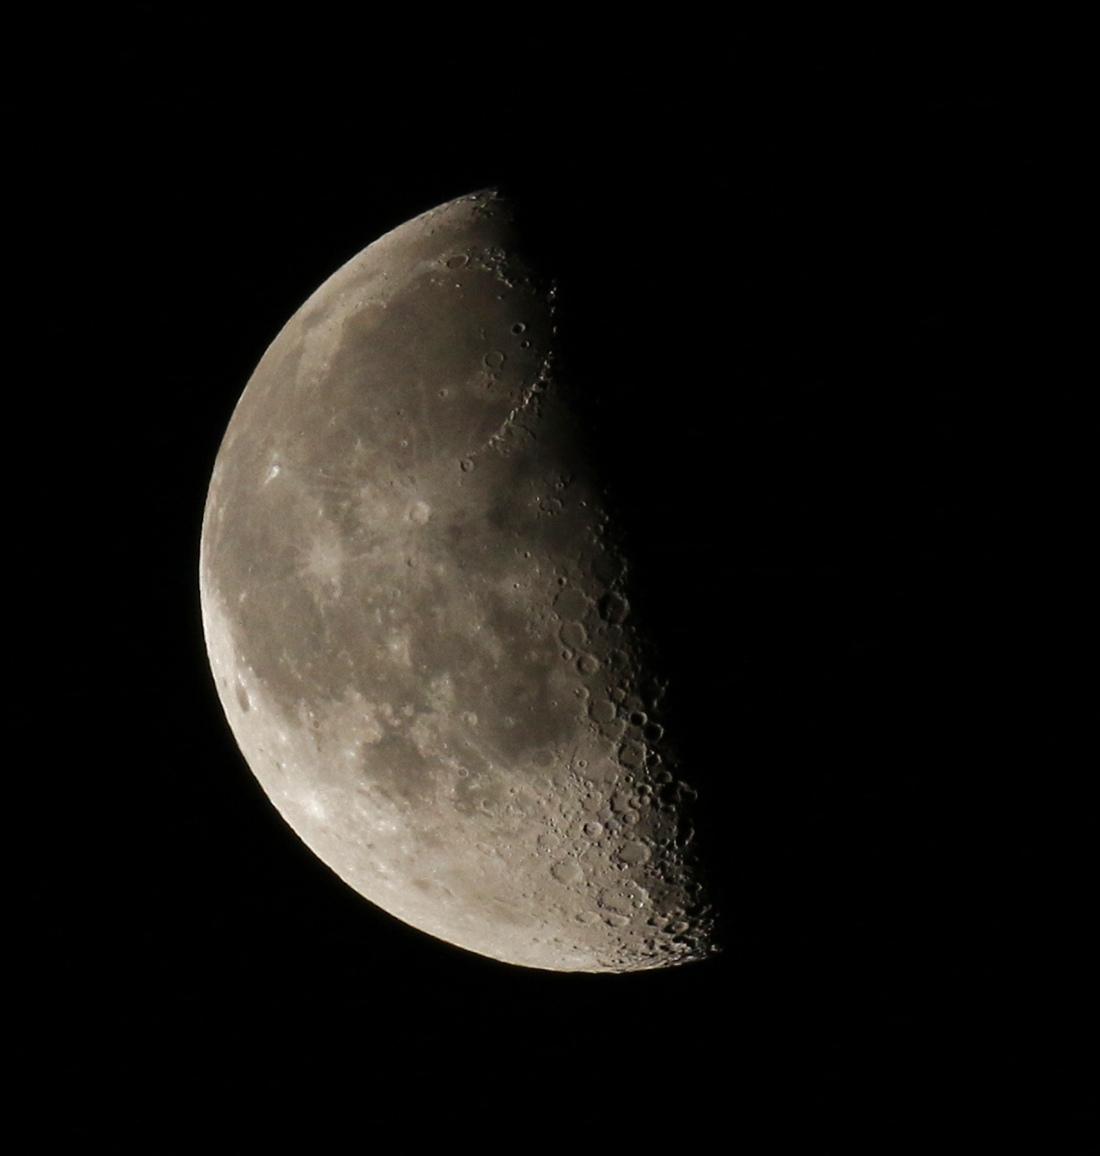 la lune le 17/01/2020 (47500/515AI1)